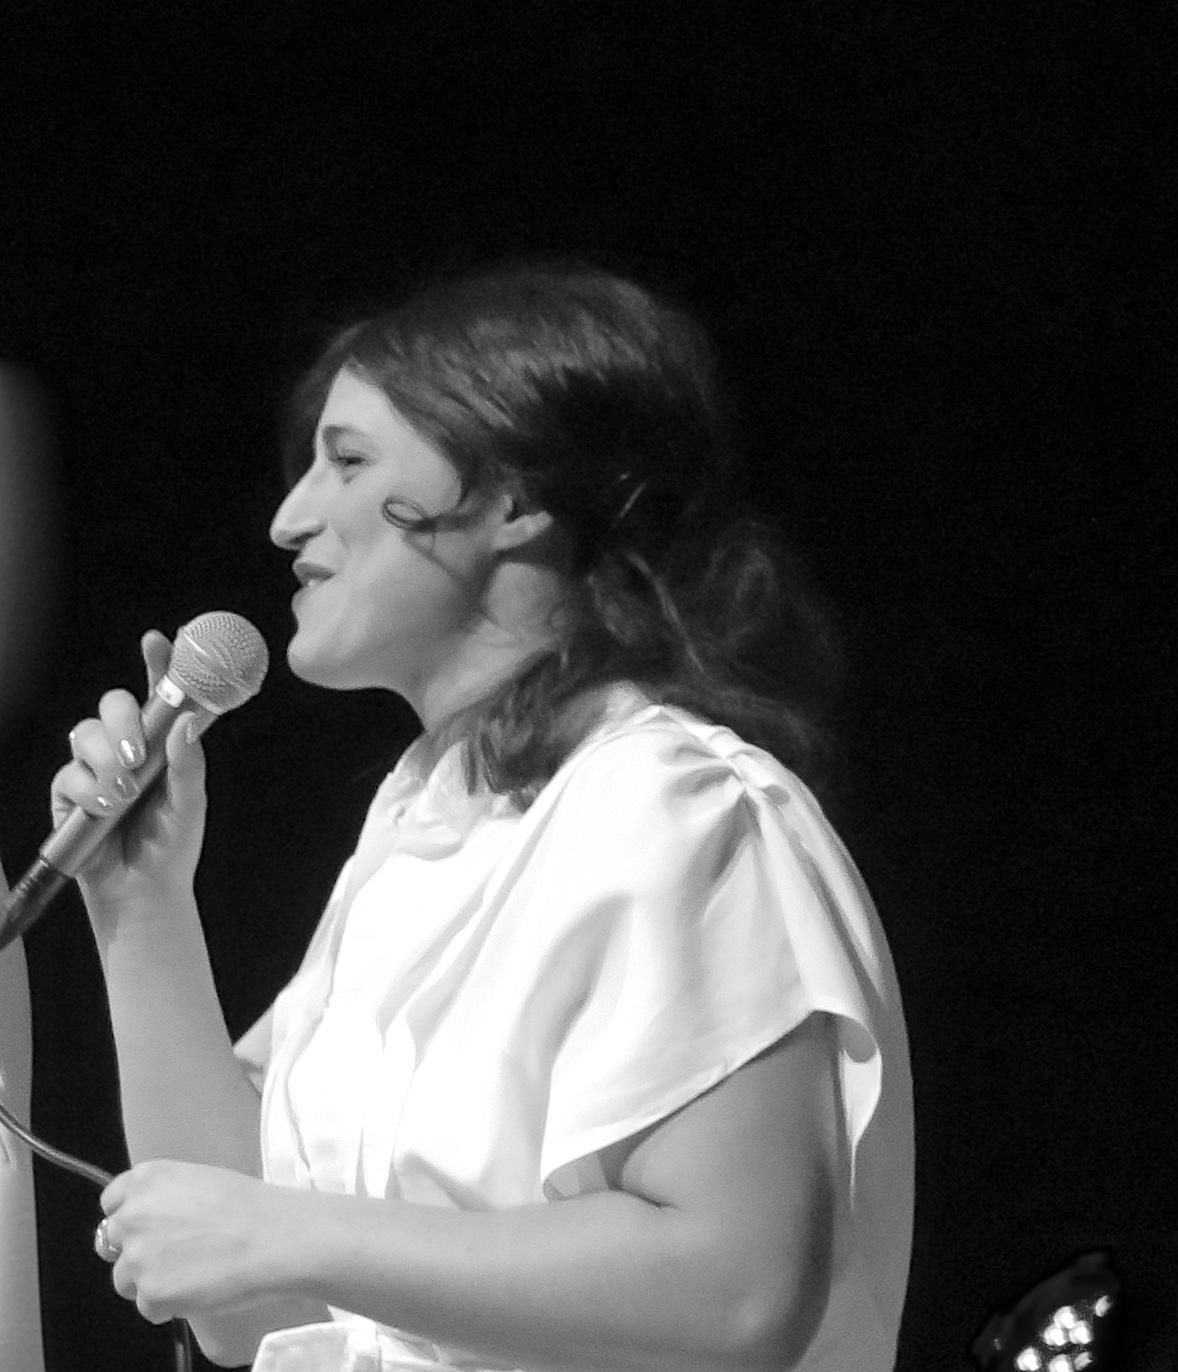 Kristina Talajic